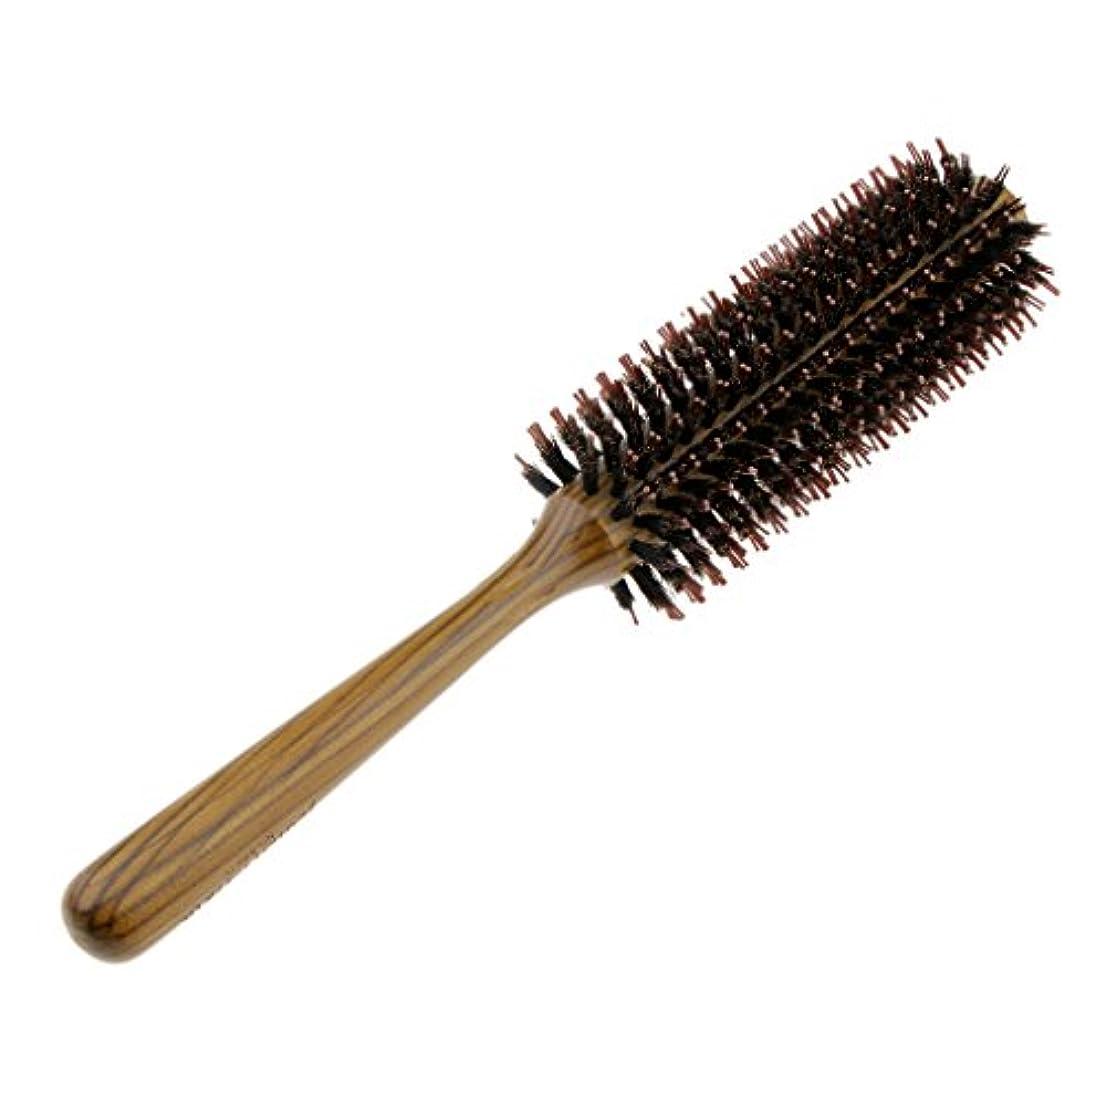 哲学的ブラウズスリムロールブラシ ヘアブラシ コーム ヘアスタイリング 櫛 くし カール 巻き髪 3サイズ選べる - L